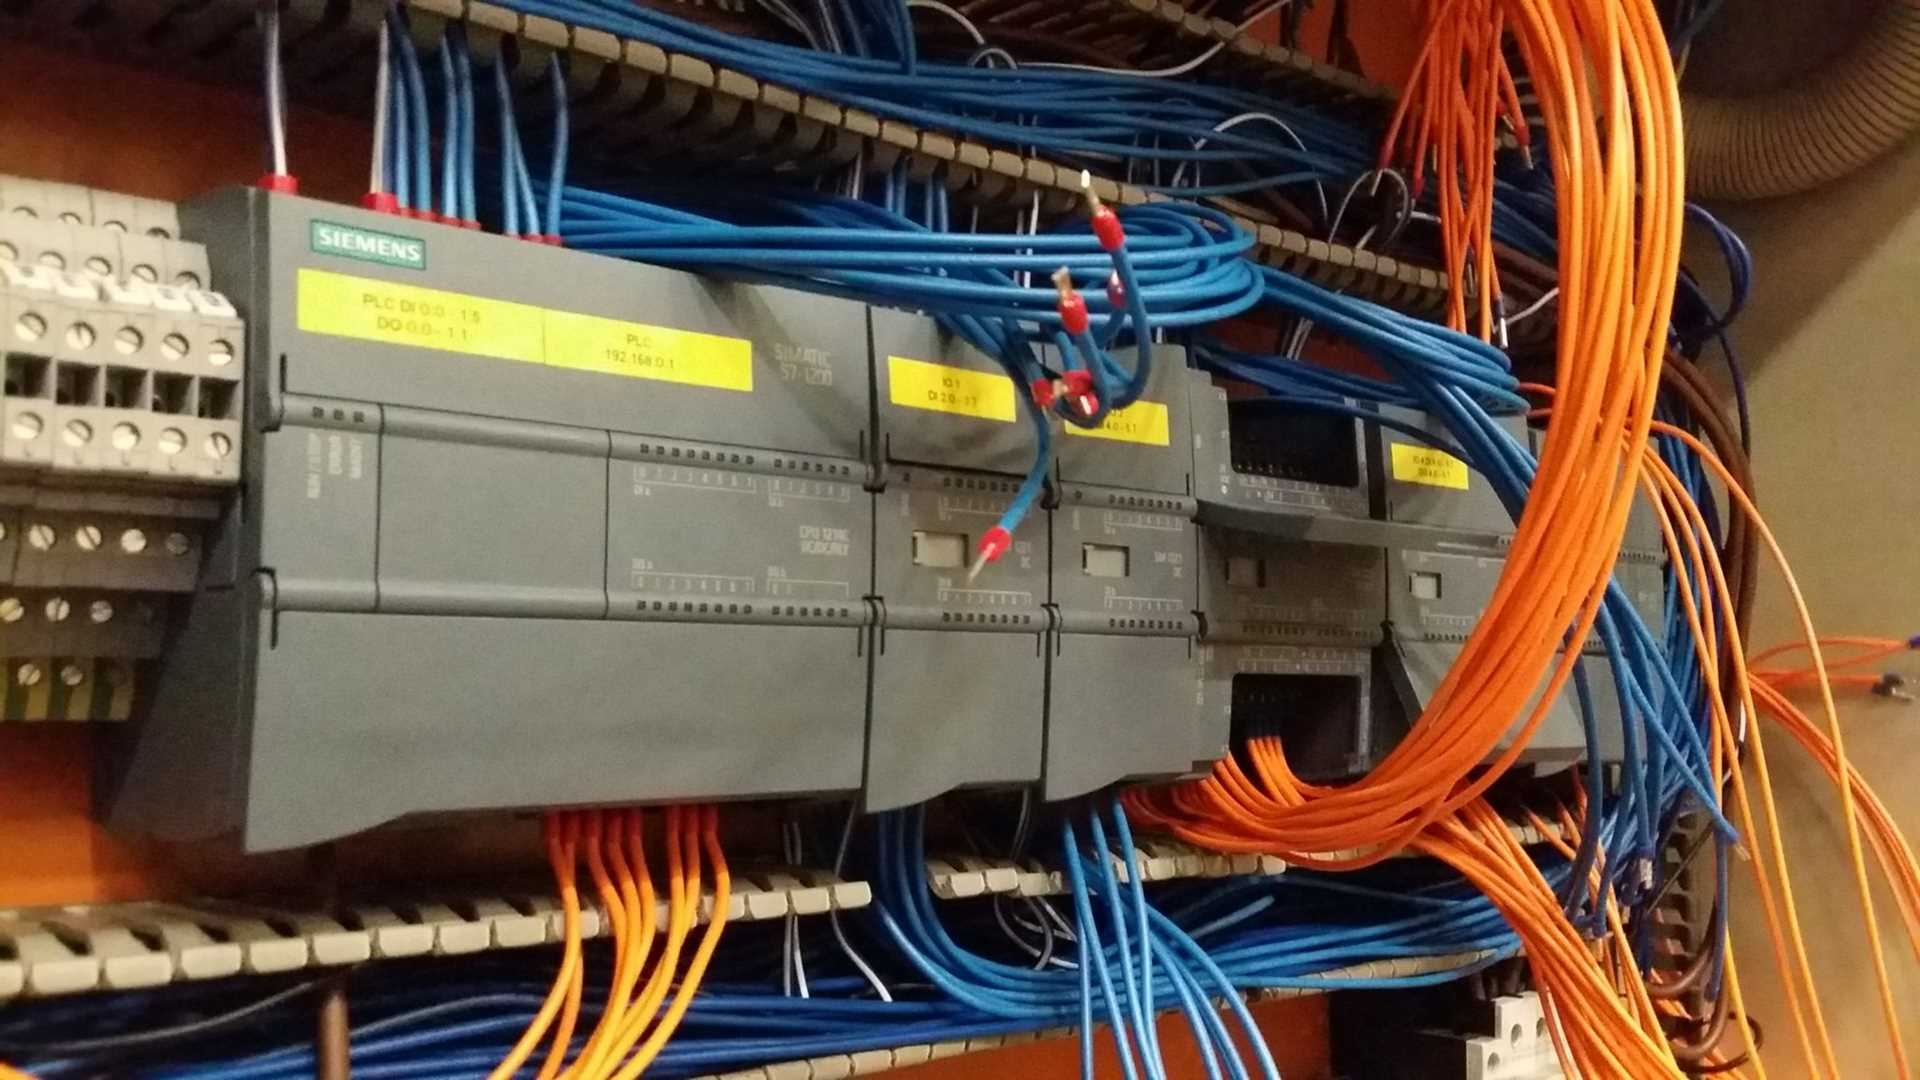 Sterownik PLC podczas modernizacji wymiany Simatic S5 na S7